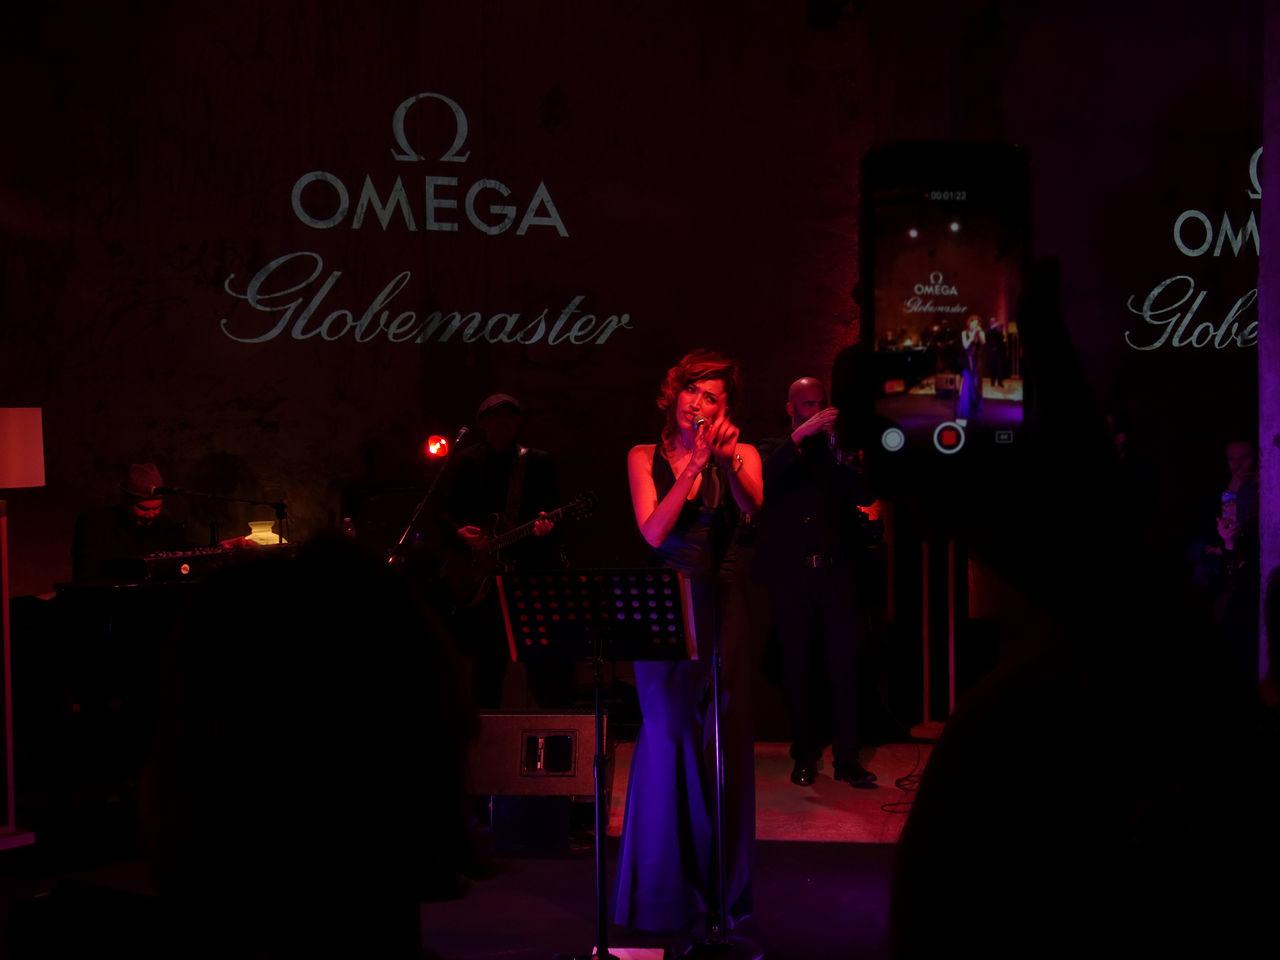 omega-presenta-la-collezione-globemaster-cracco-nina-zilli-milano-metas_0-1005